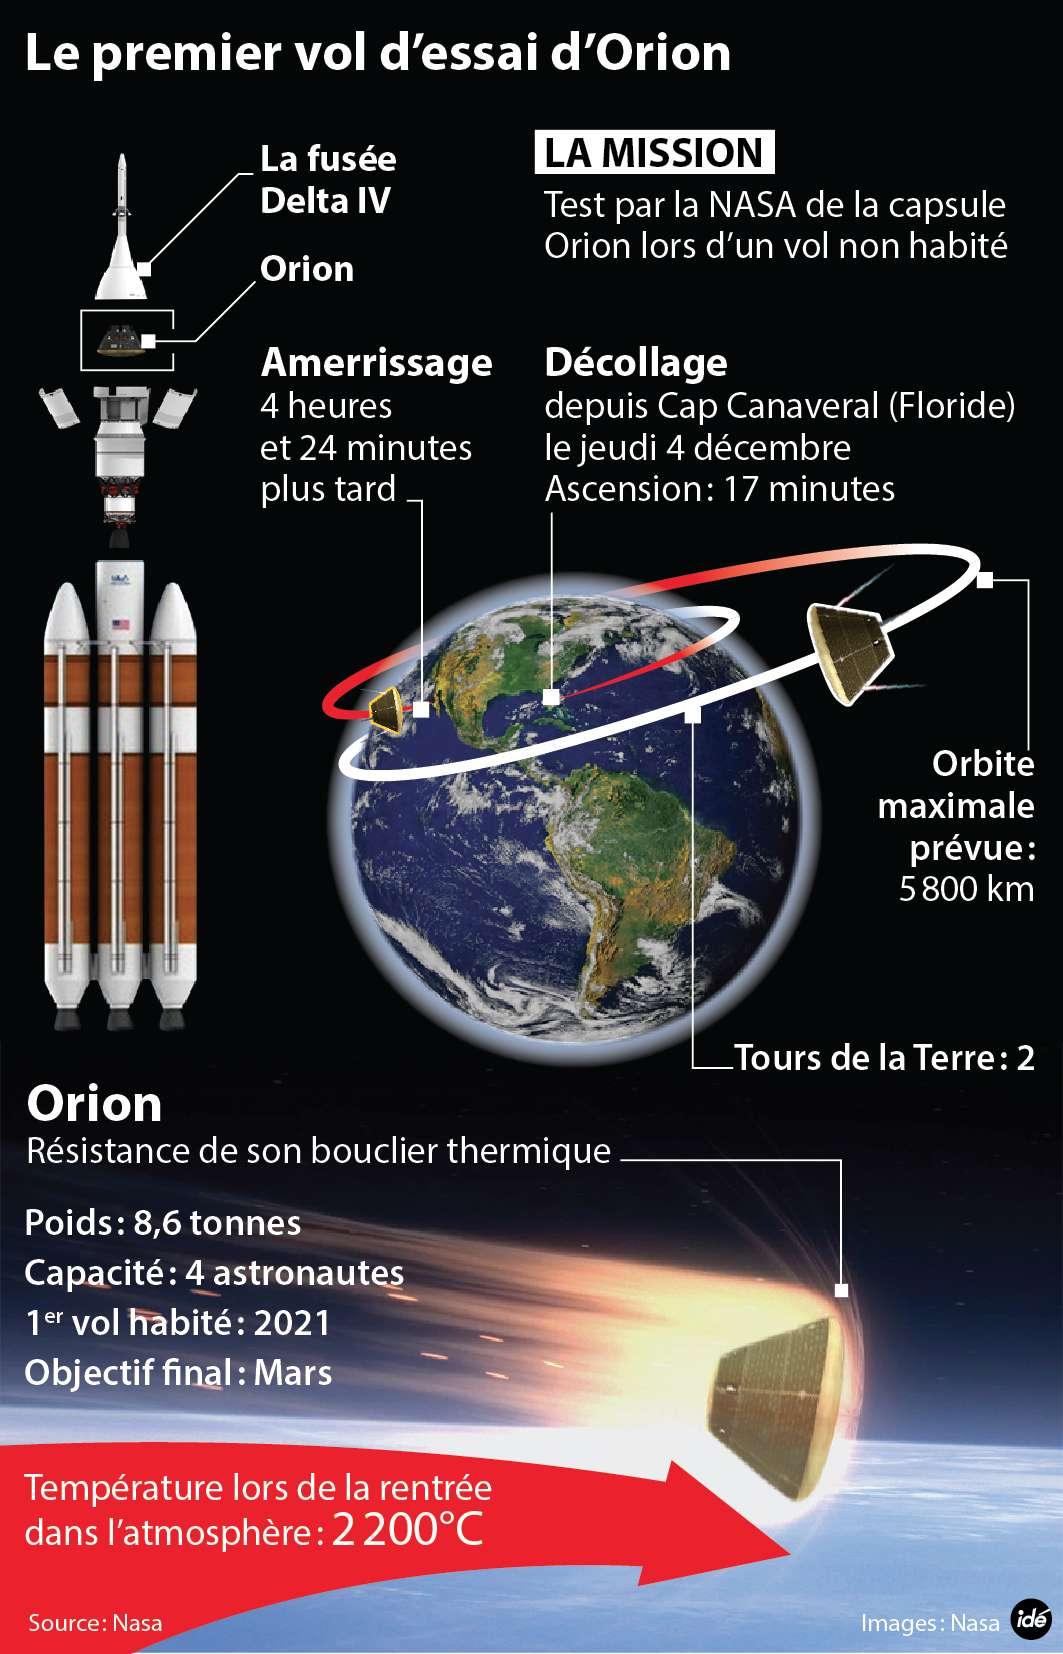 Le vol d'essai d'Orion est mené depuis Cap Canaveral avec un lanceur Delta IV de la société United Launch Alliance. © Idé